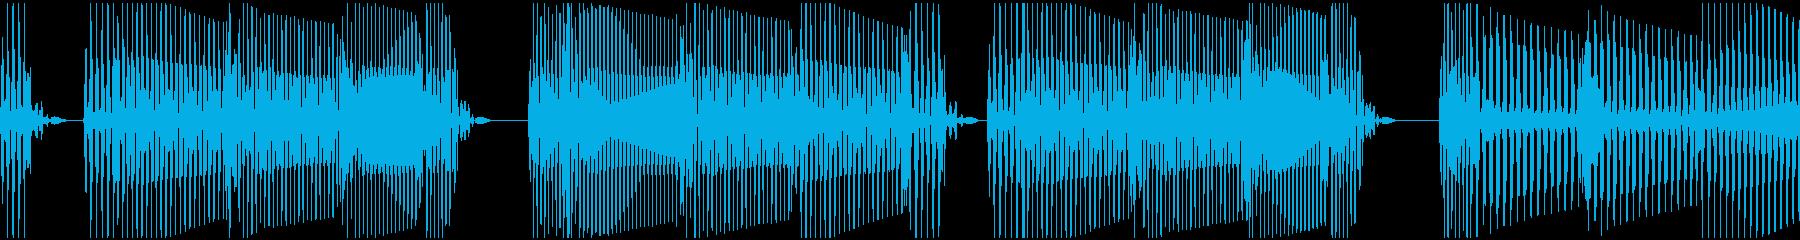 ベース ループ:シンキングタイム、ビートの再生済みの波形